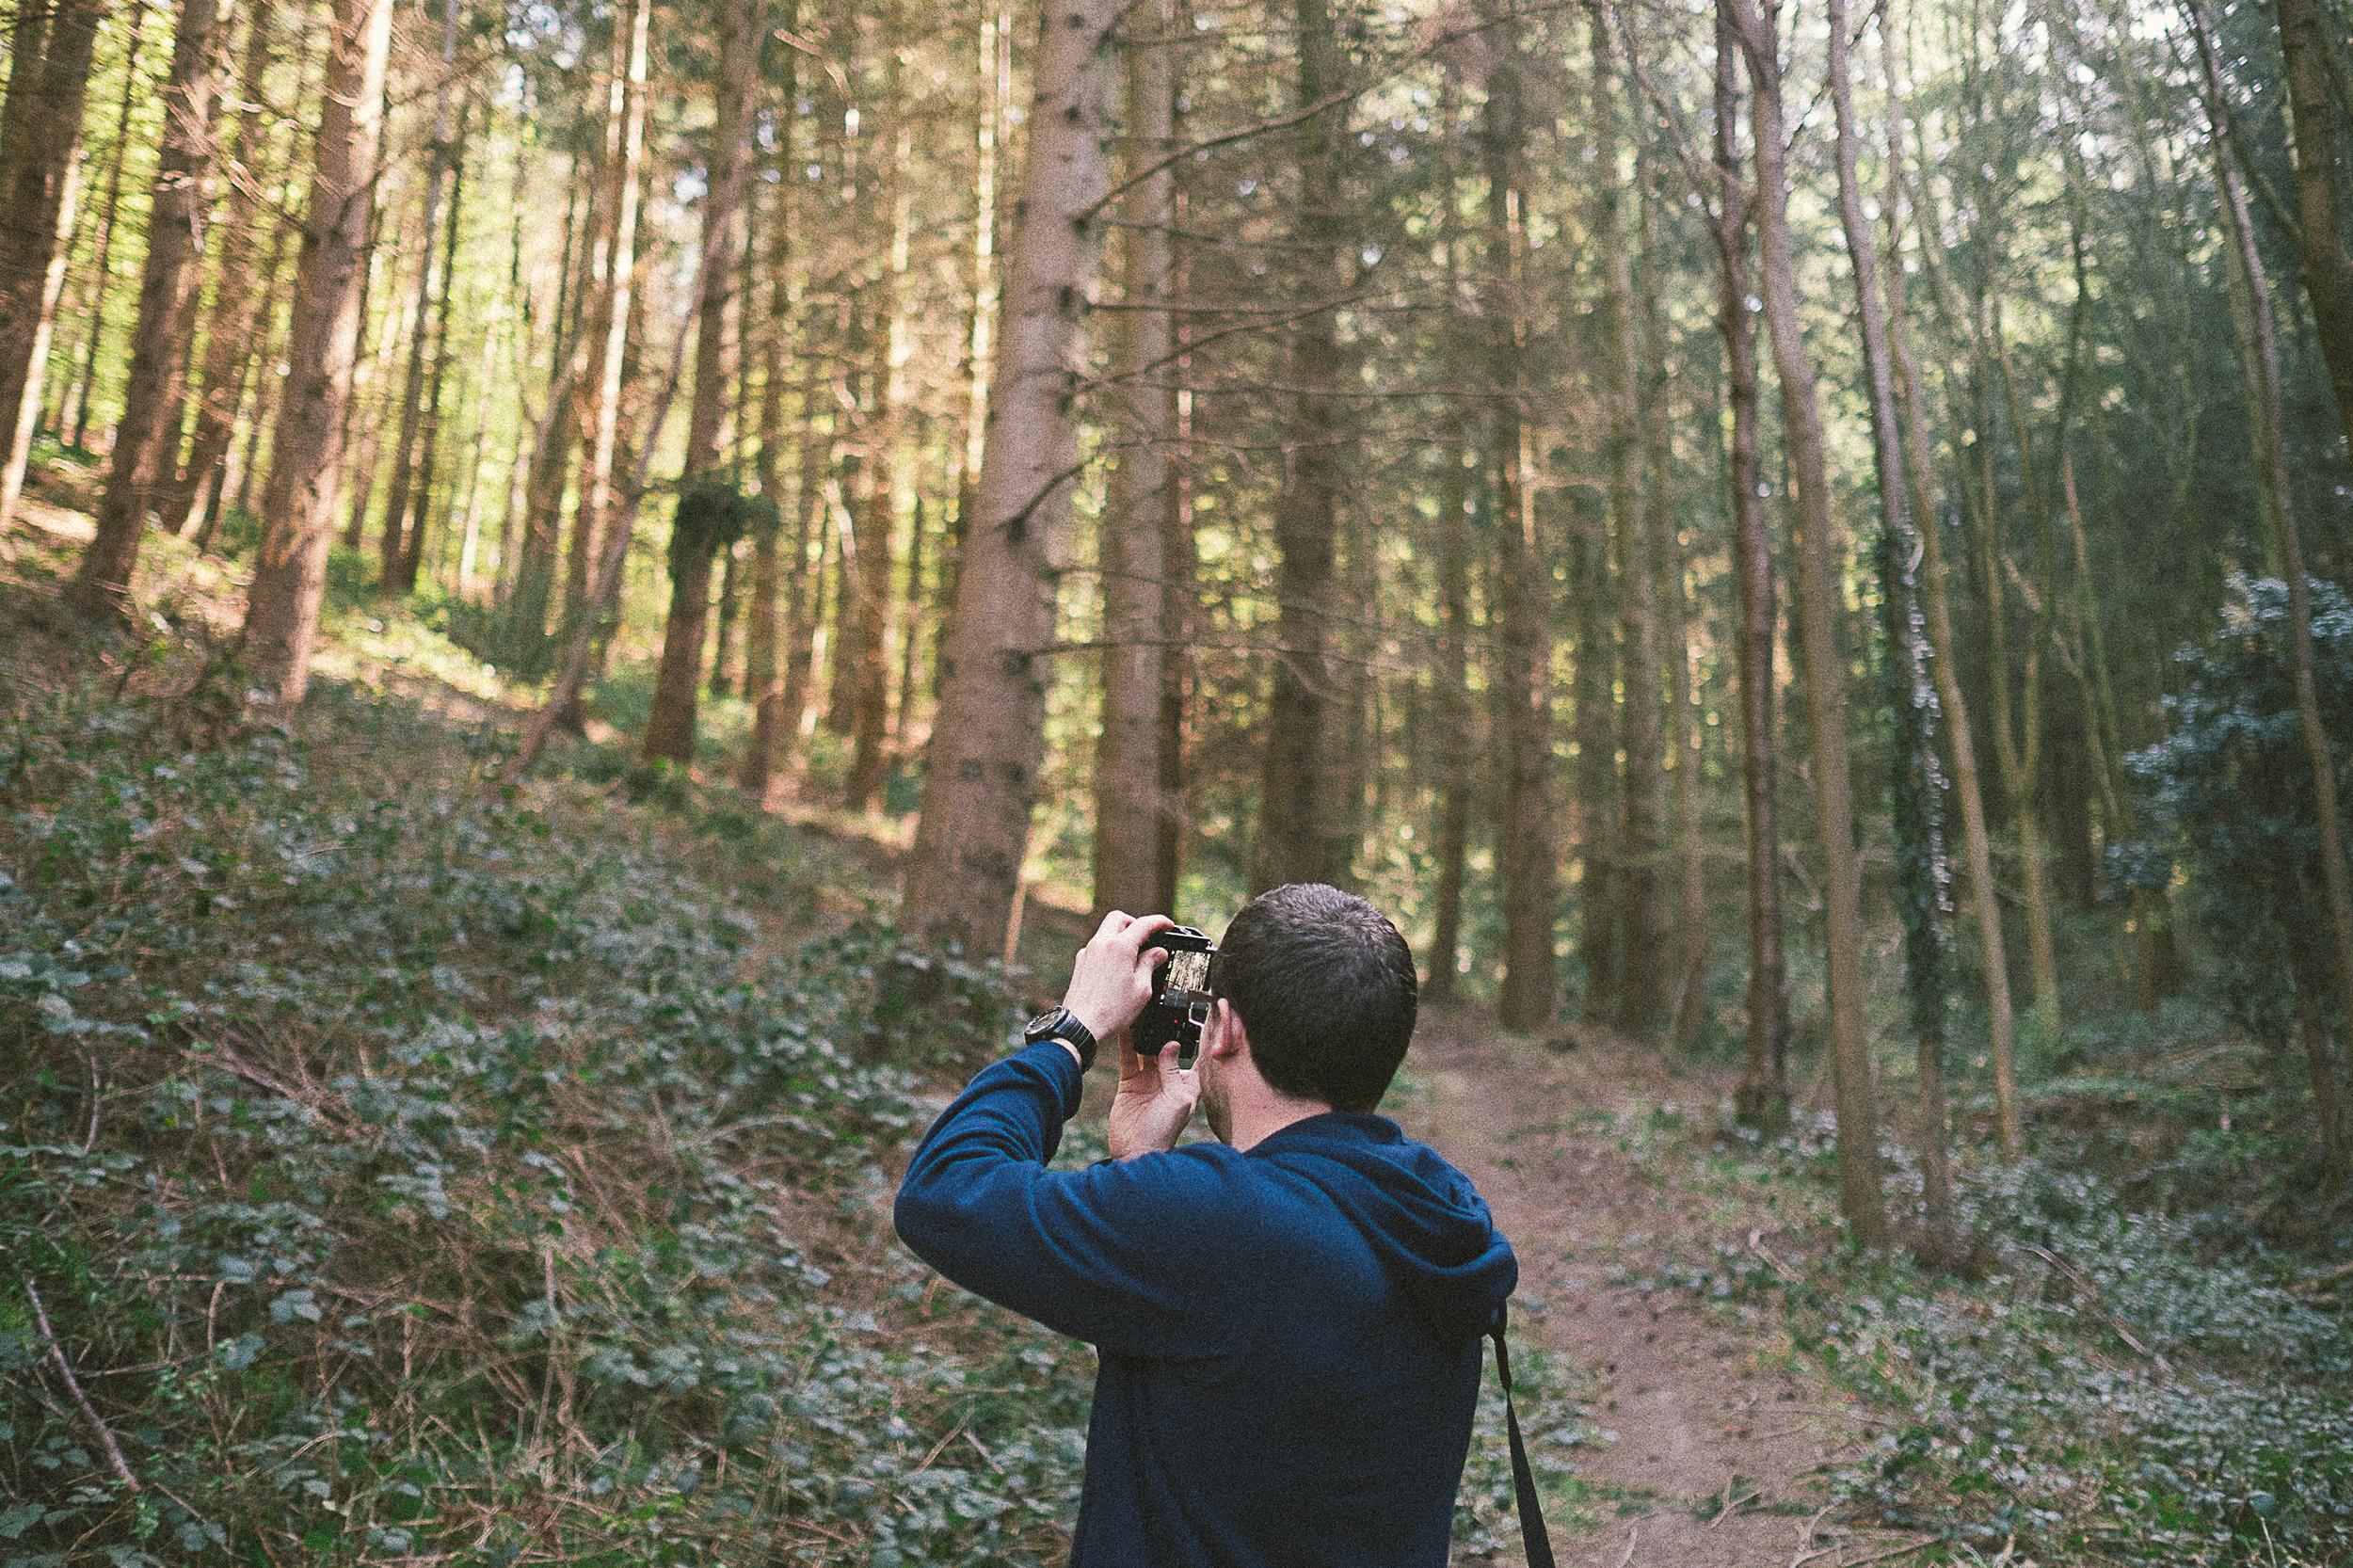 Fuji X-E2 + 23mm - F1.4 | iso200 | 1/160th -  VSCO preset - Kodak Portra 400 UC ++ [with a little added warmth]